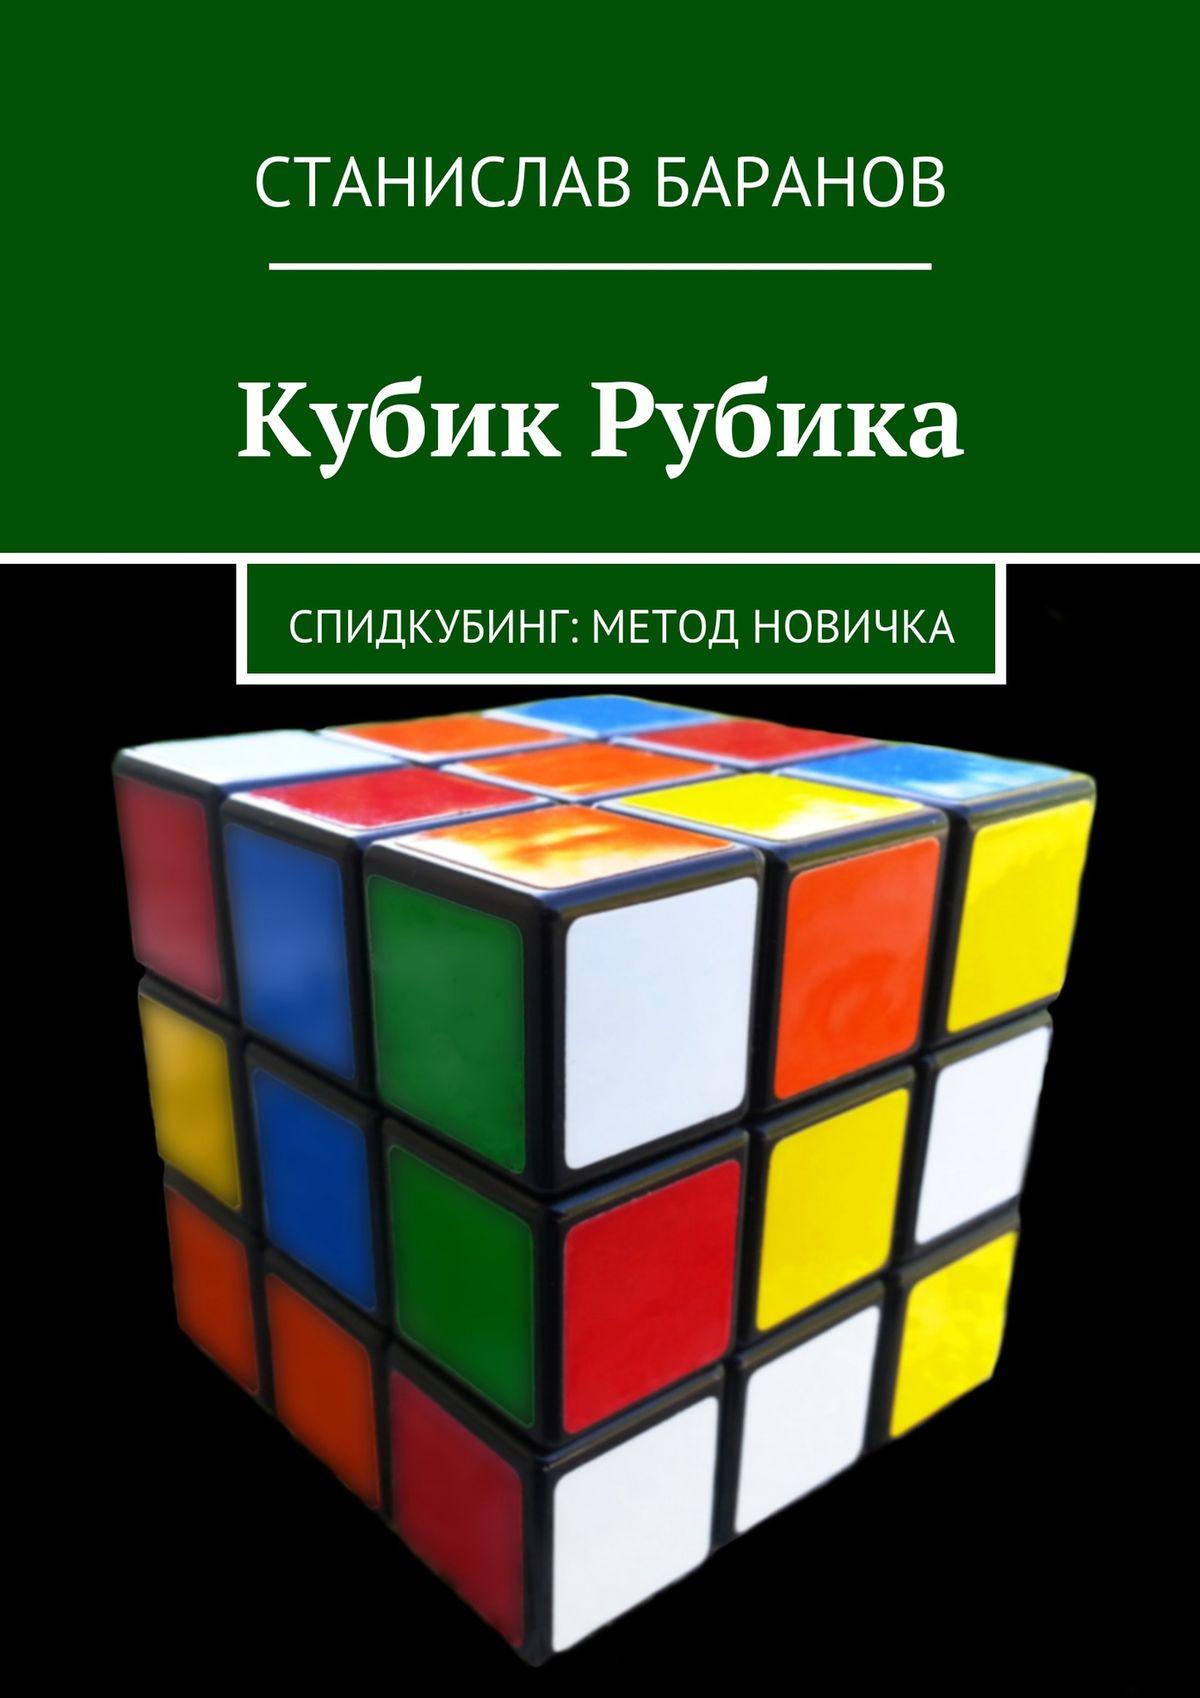 Станислав Баранов Кубик Рубика. Спидкубинг: Метод новичка для лица дожившего до 50 летнего возраста